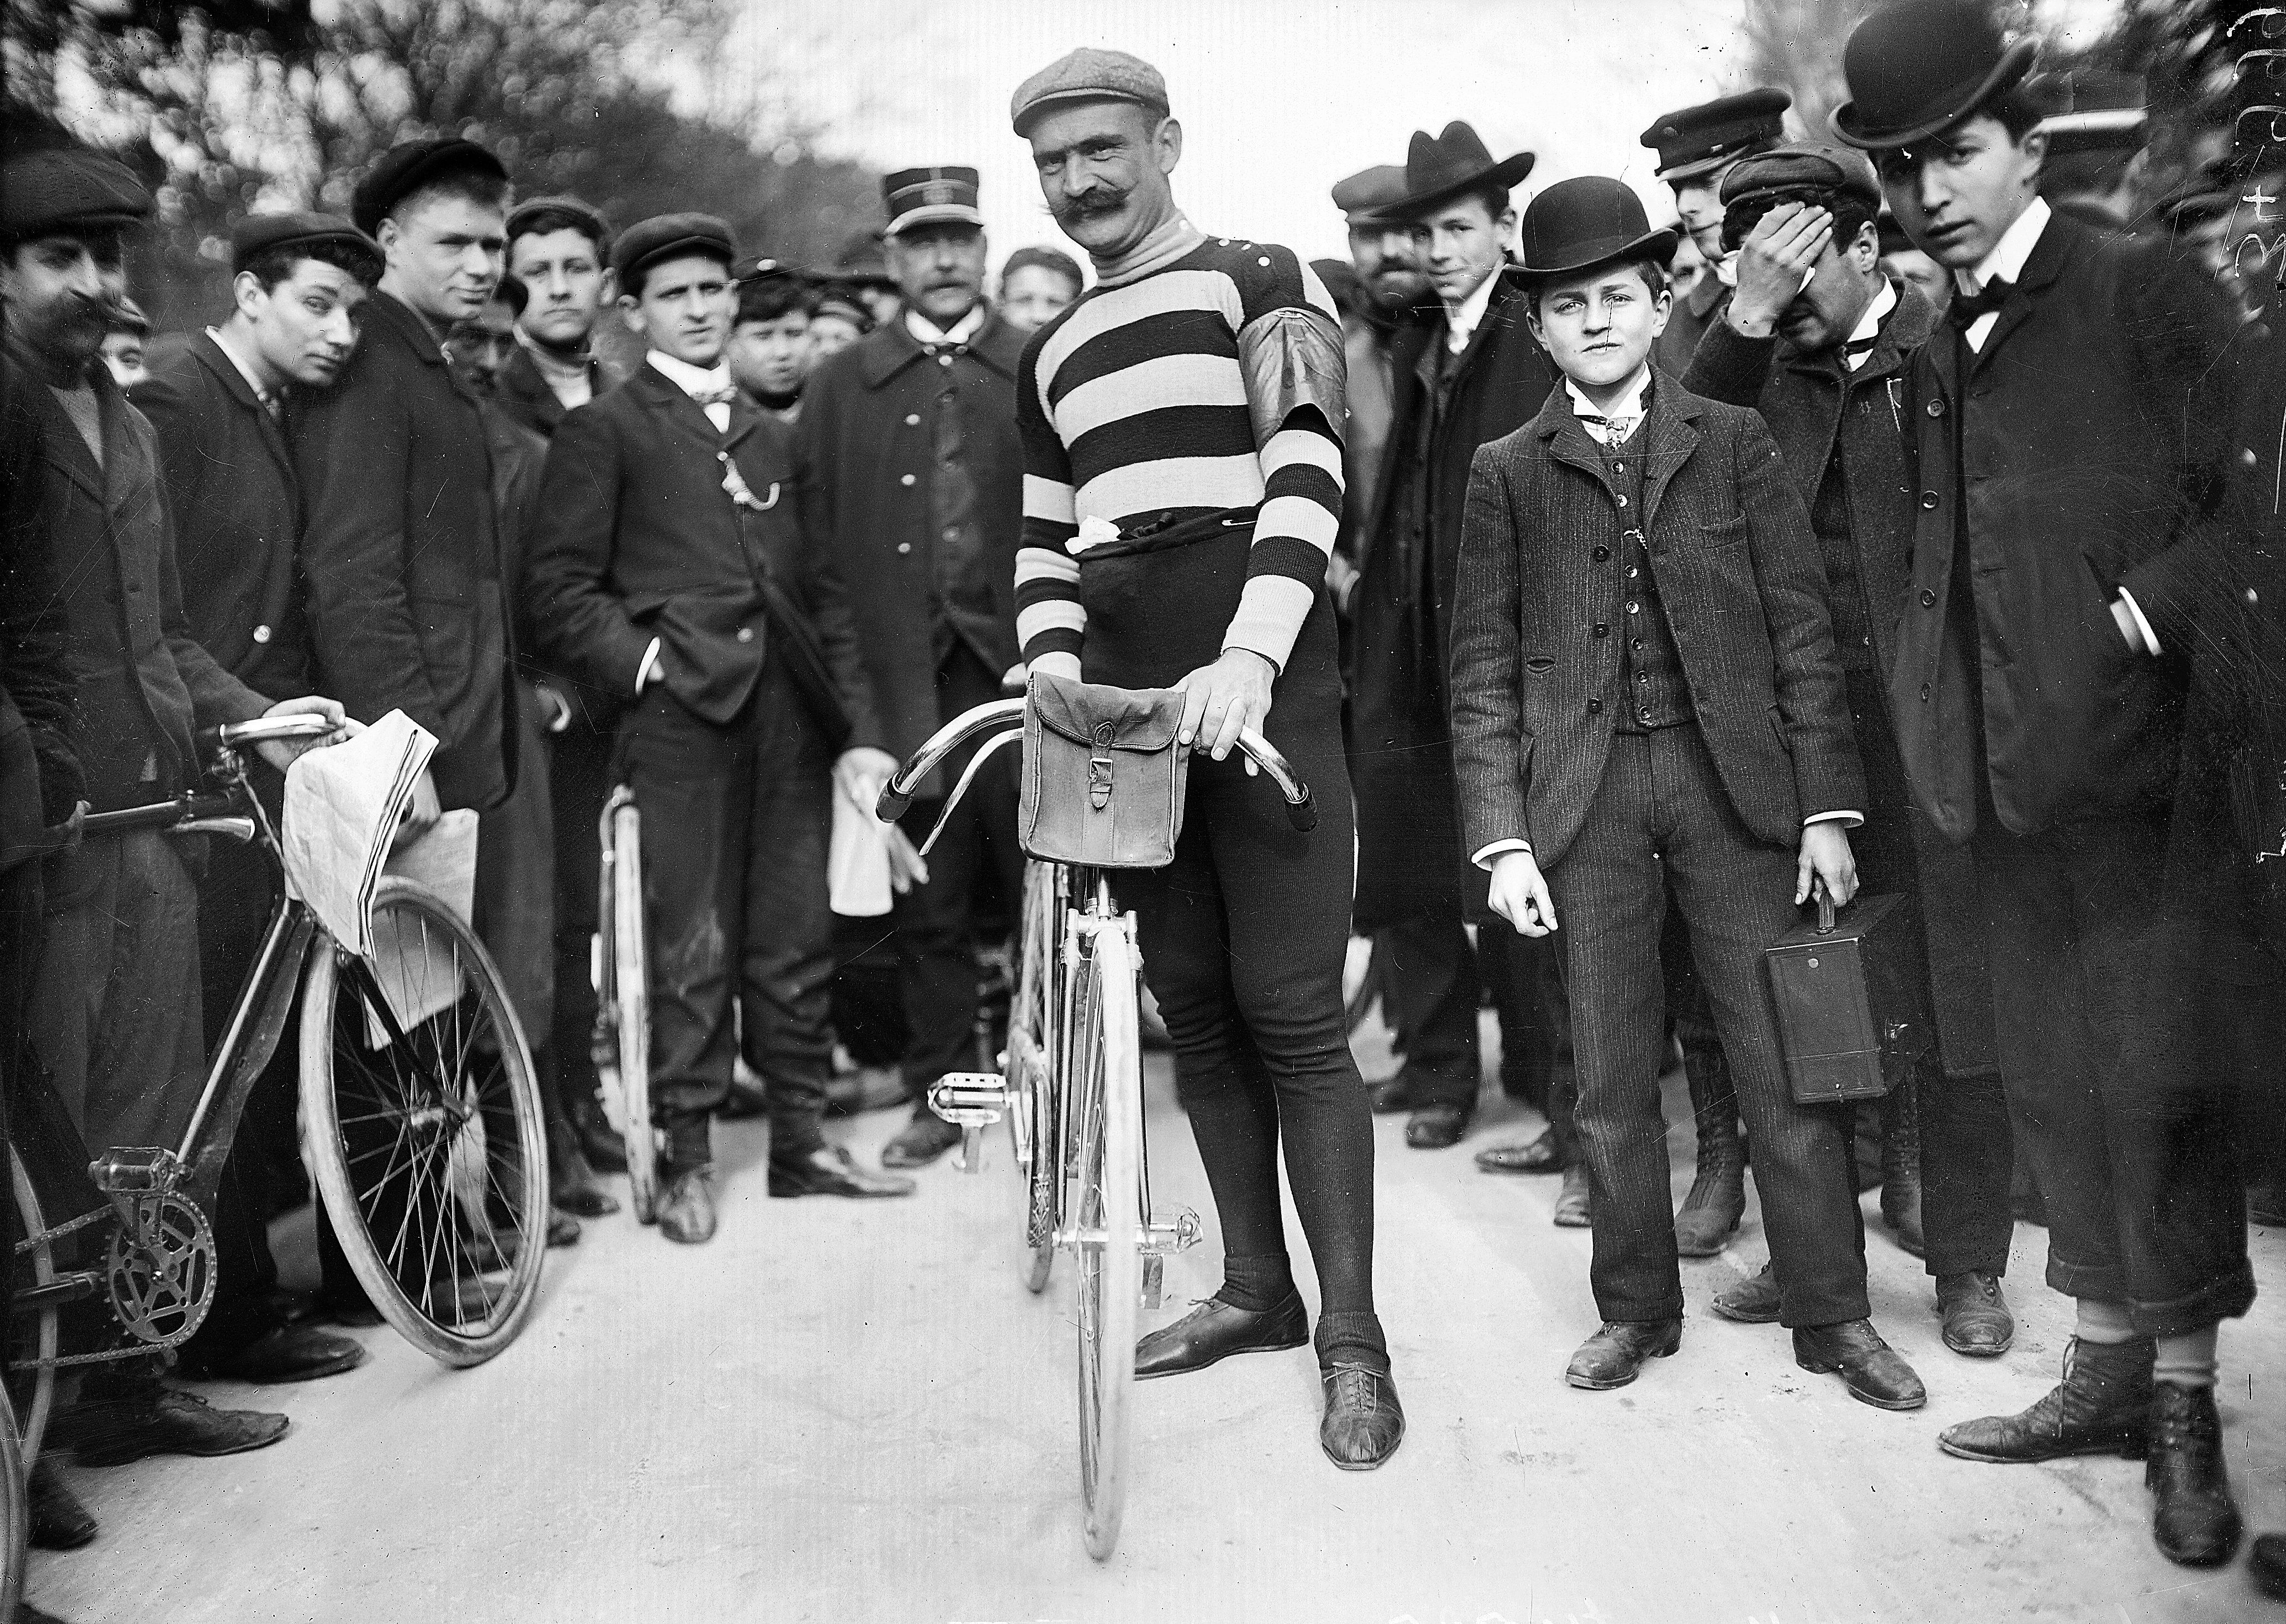 Tour de France 1905. Hippolyte Aucouturier, second